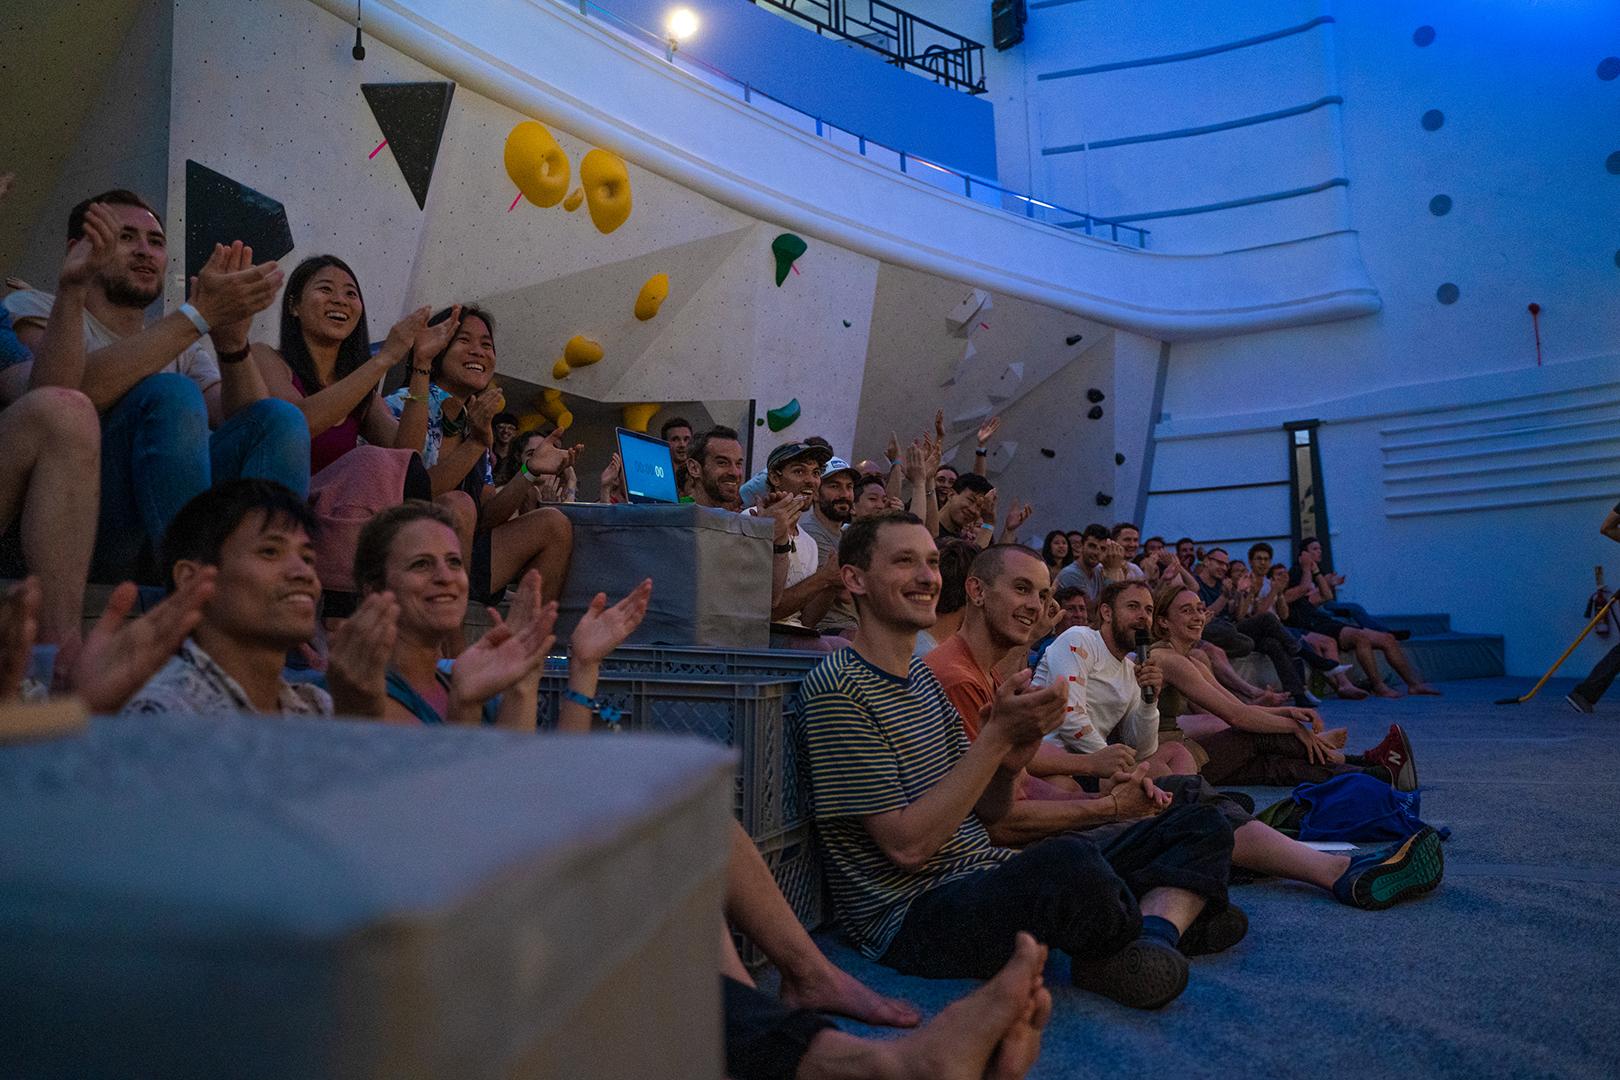 crowd_susie res.jpg